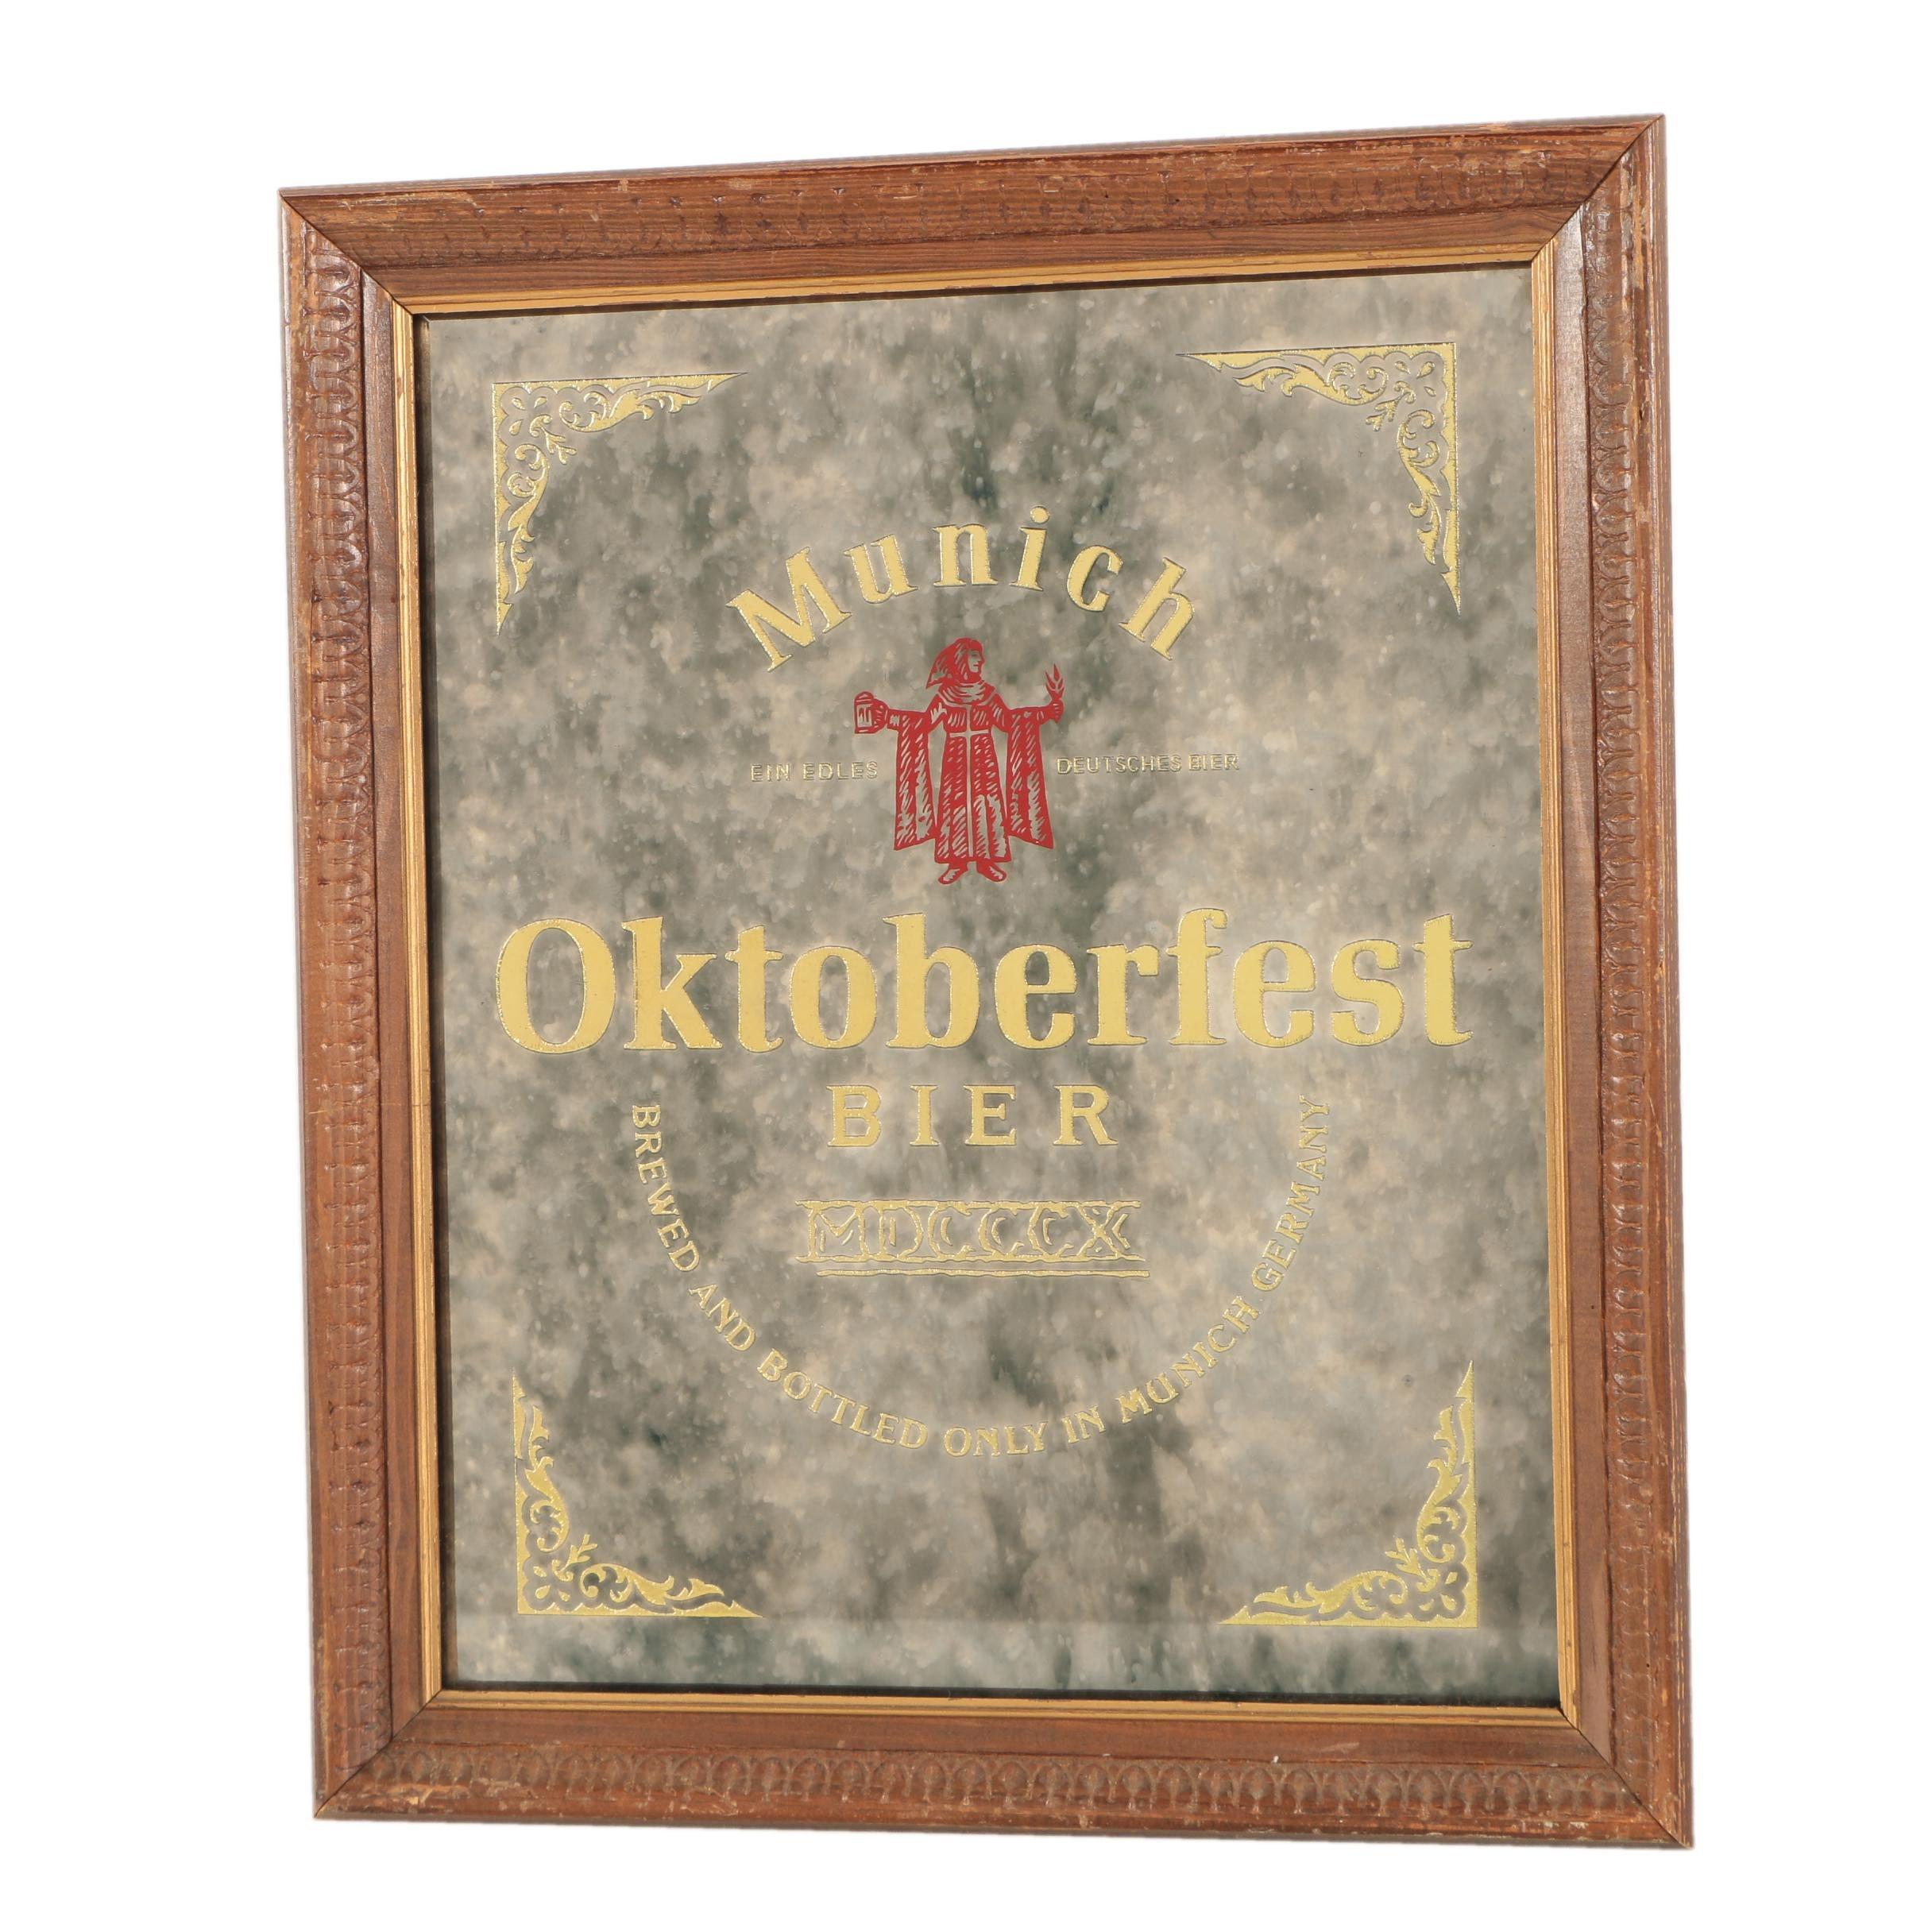 Munich Oktoberfest Bier Mirror